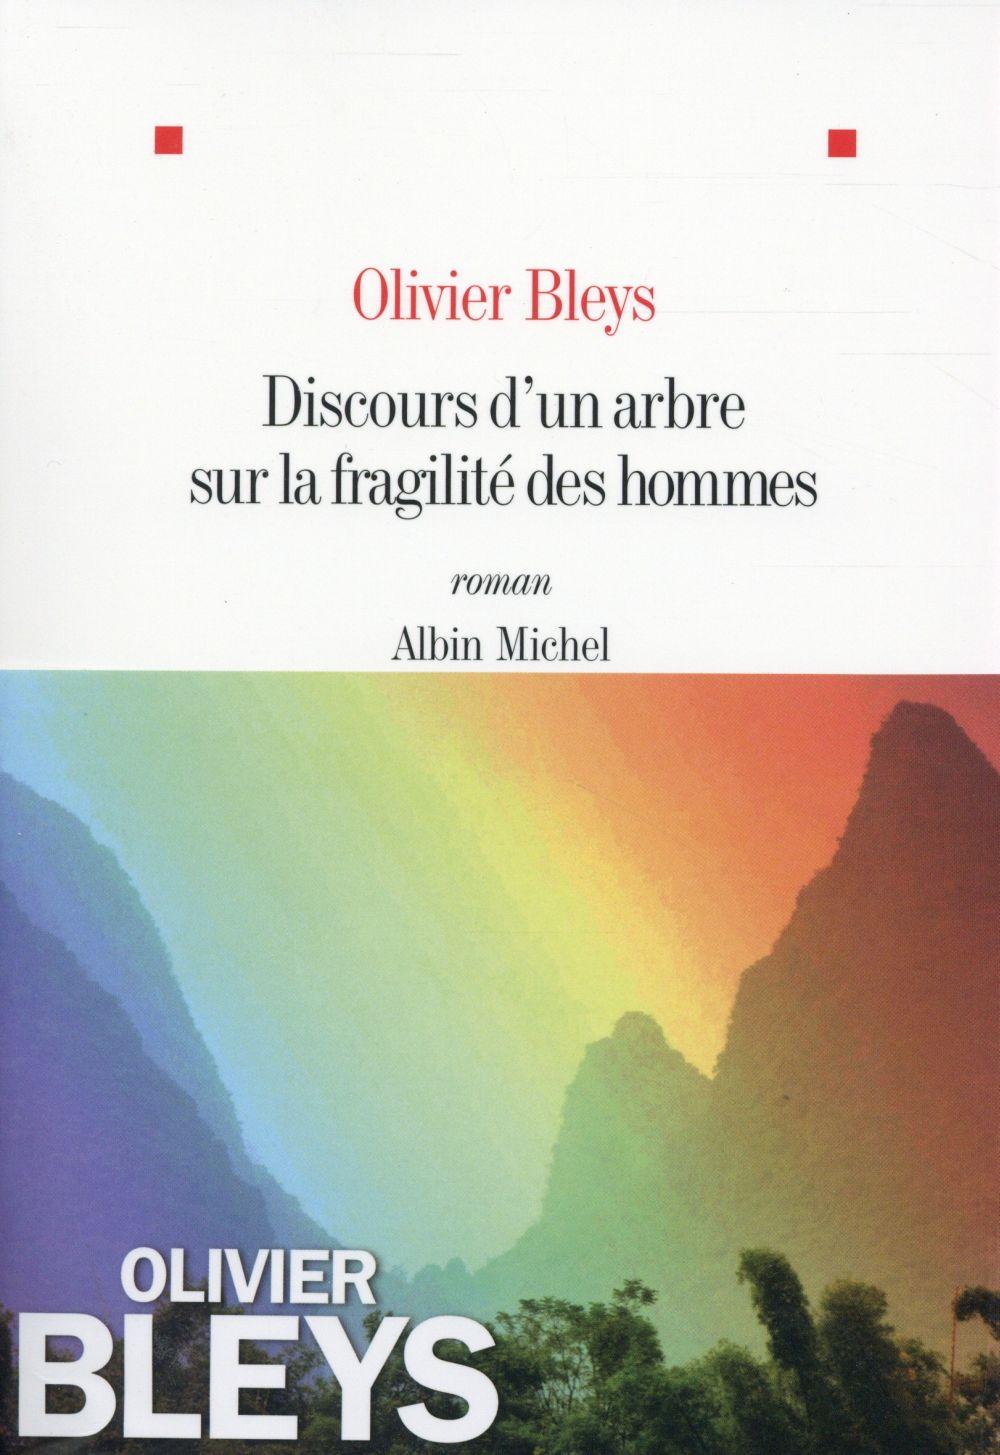 DISCOURS D'UN ARBRE SUR LA FRAGILITE DES HOMMES